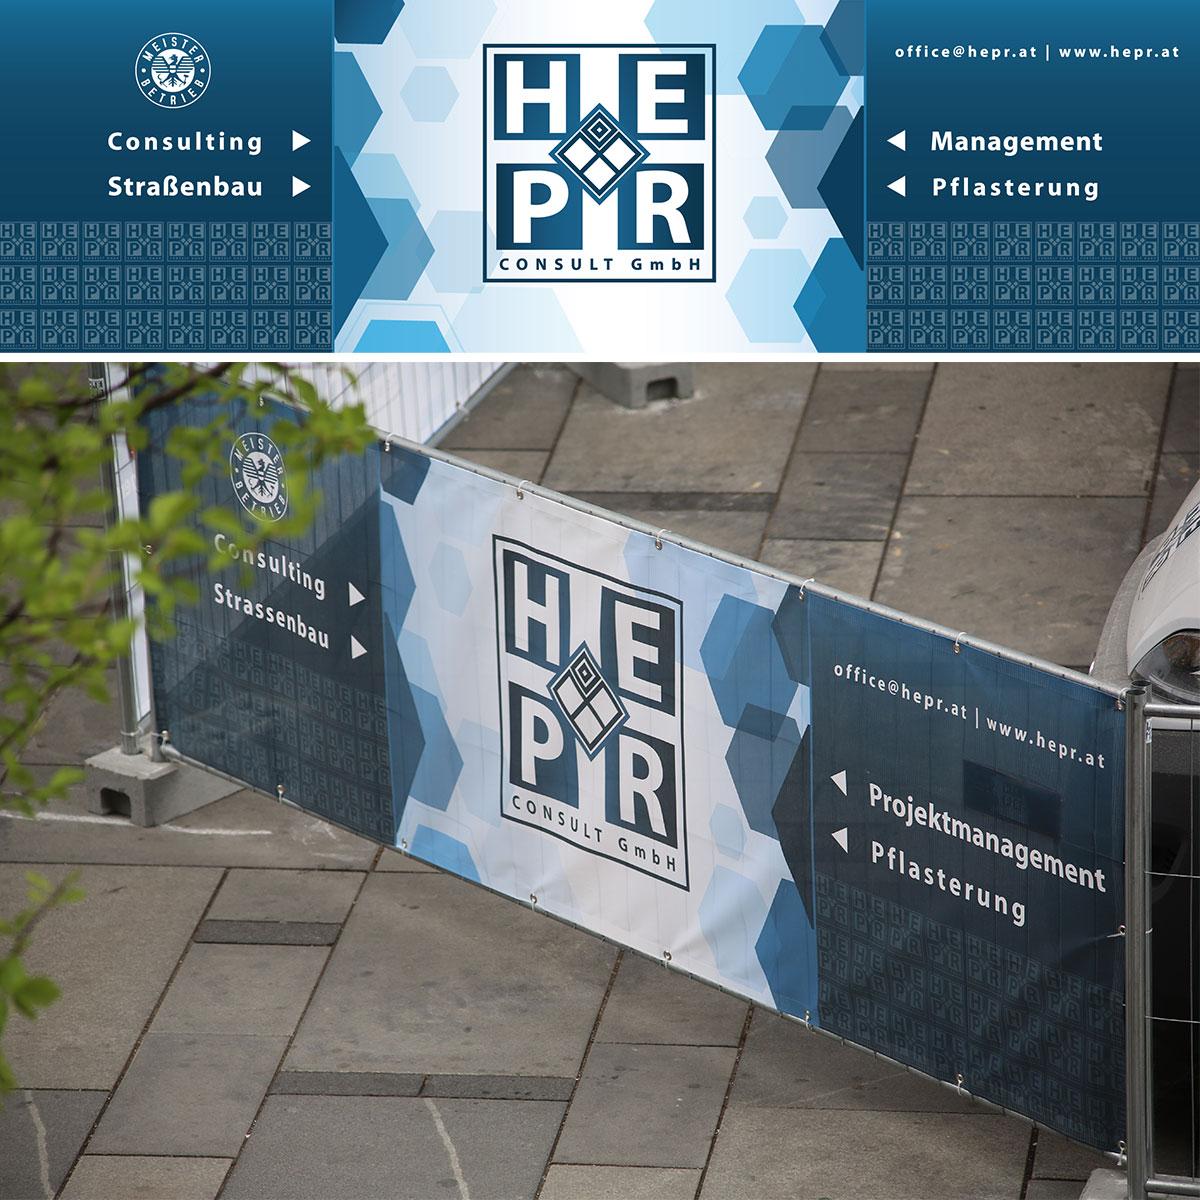 Projekte | HEPR